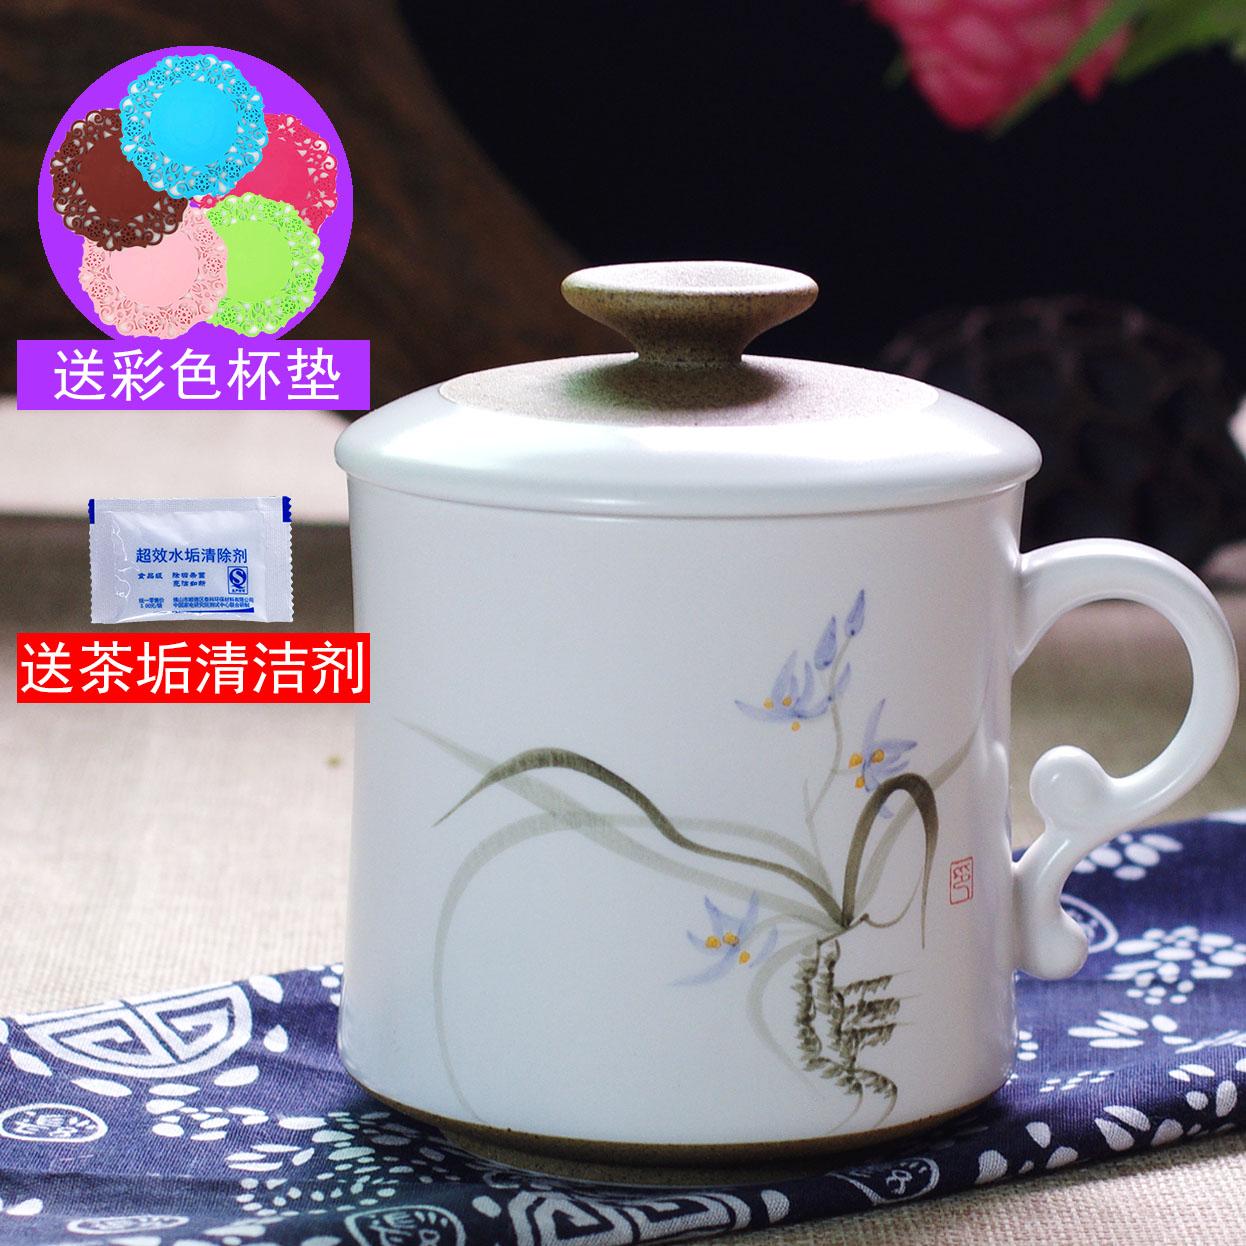 家用景德鎮手繪茶杯陶瓷帶蓋過濾泡茶杯個人辦公室水杯子茶具